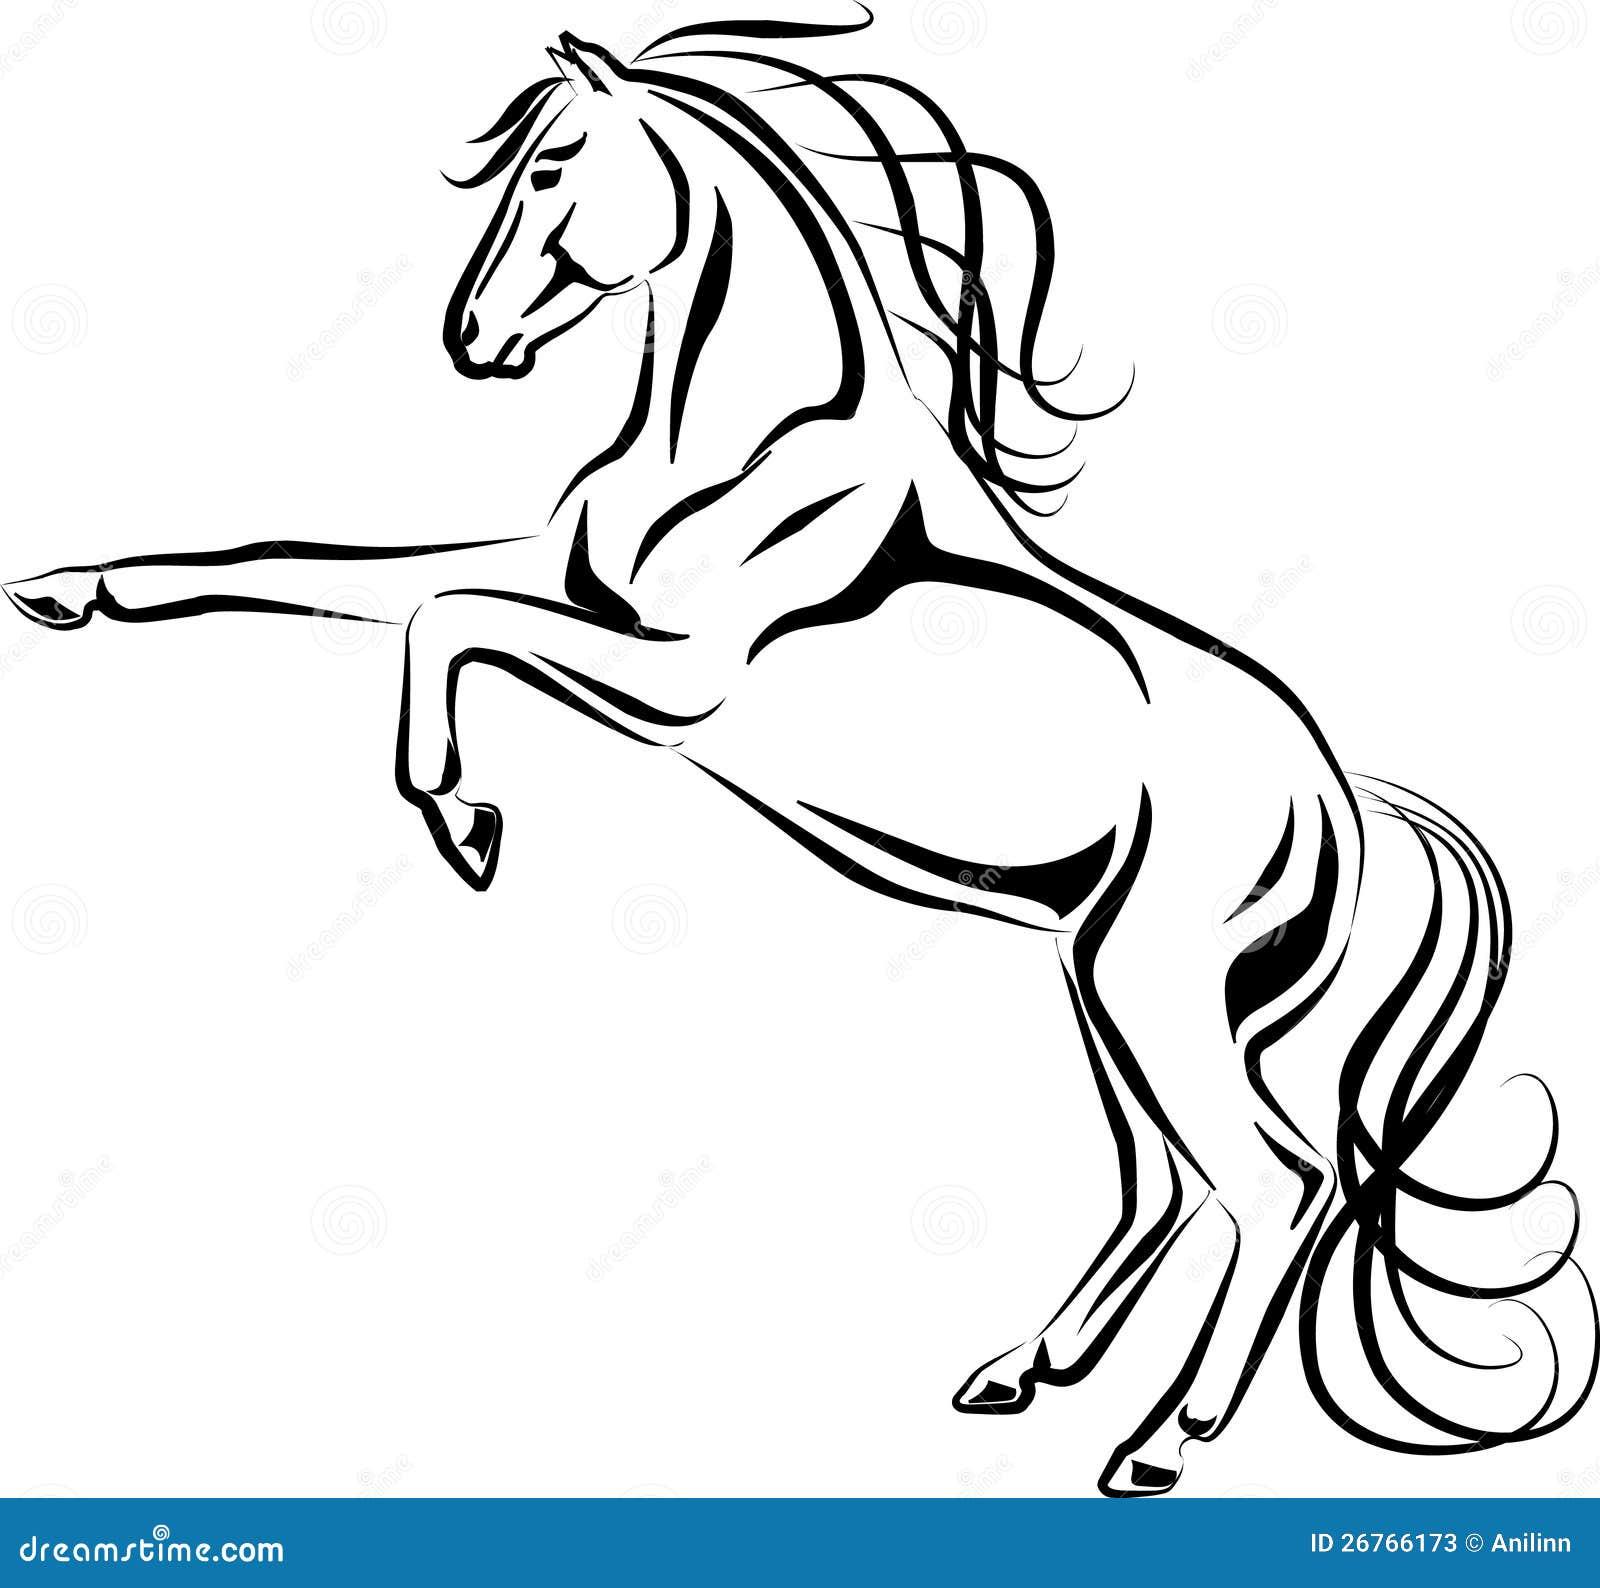 Grootbrengend Paard Vector Illustratie Illustratie